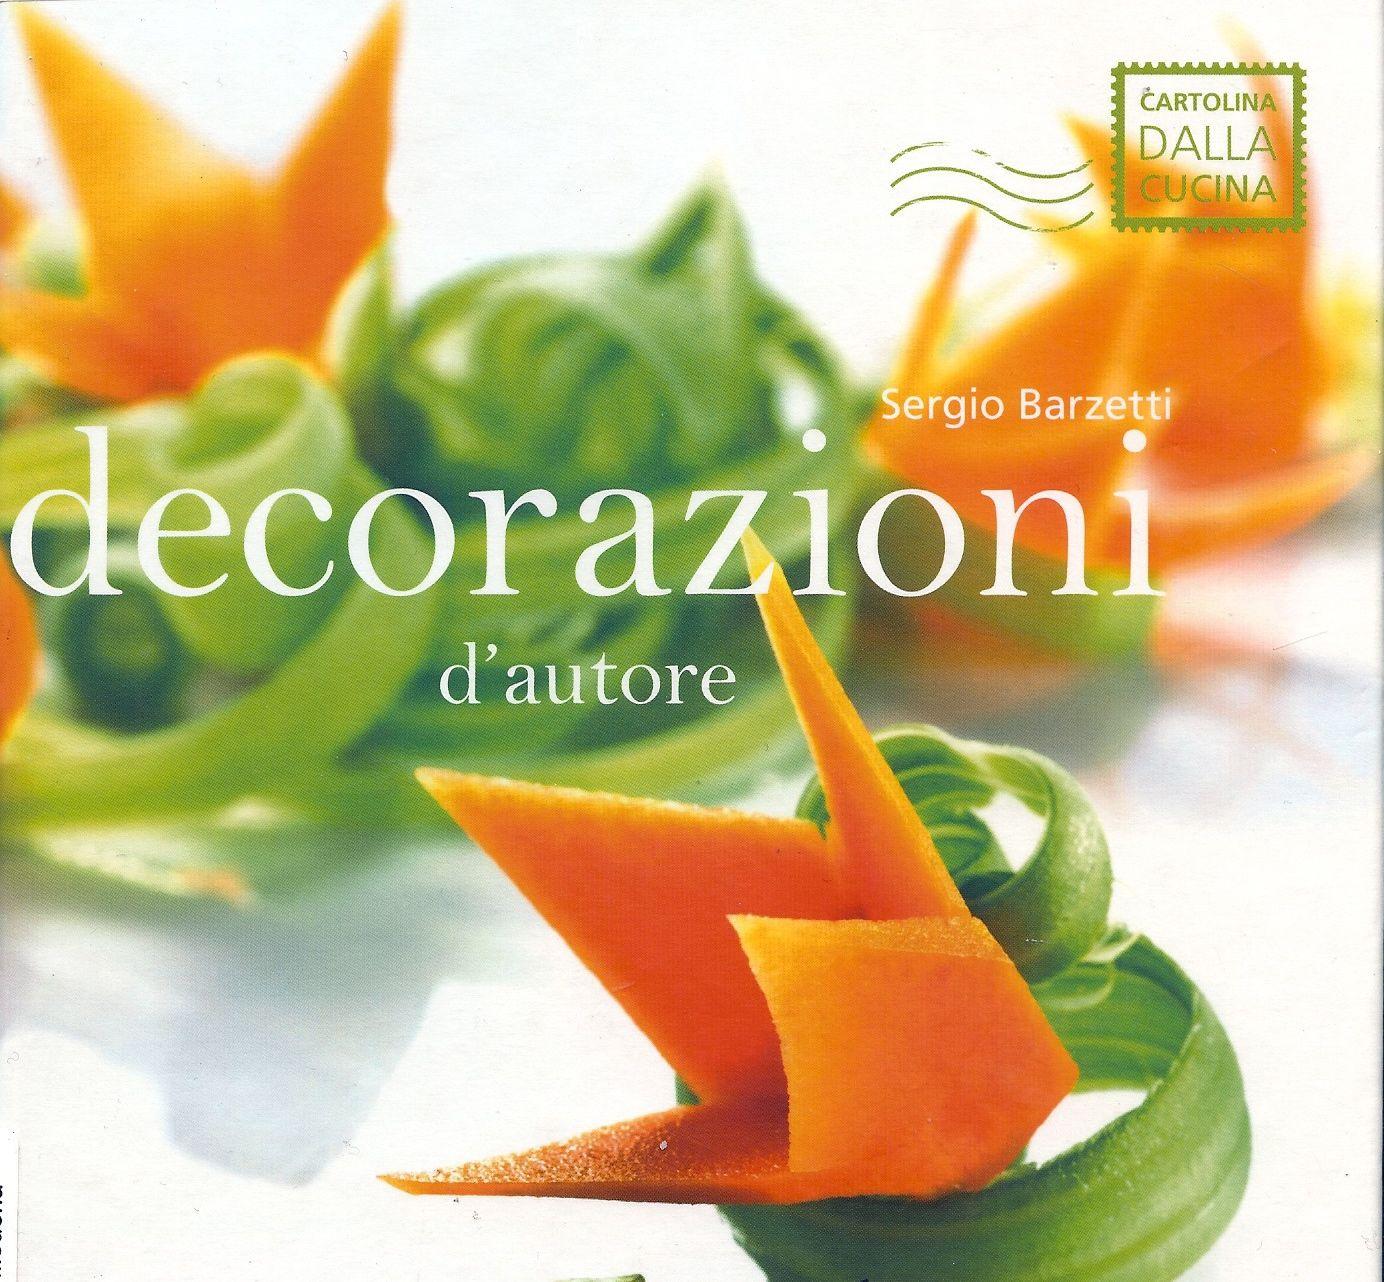 Decorazioni per piatti in cucina great banner compleanno for Decorazioni piatti